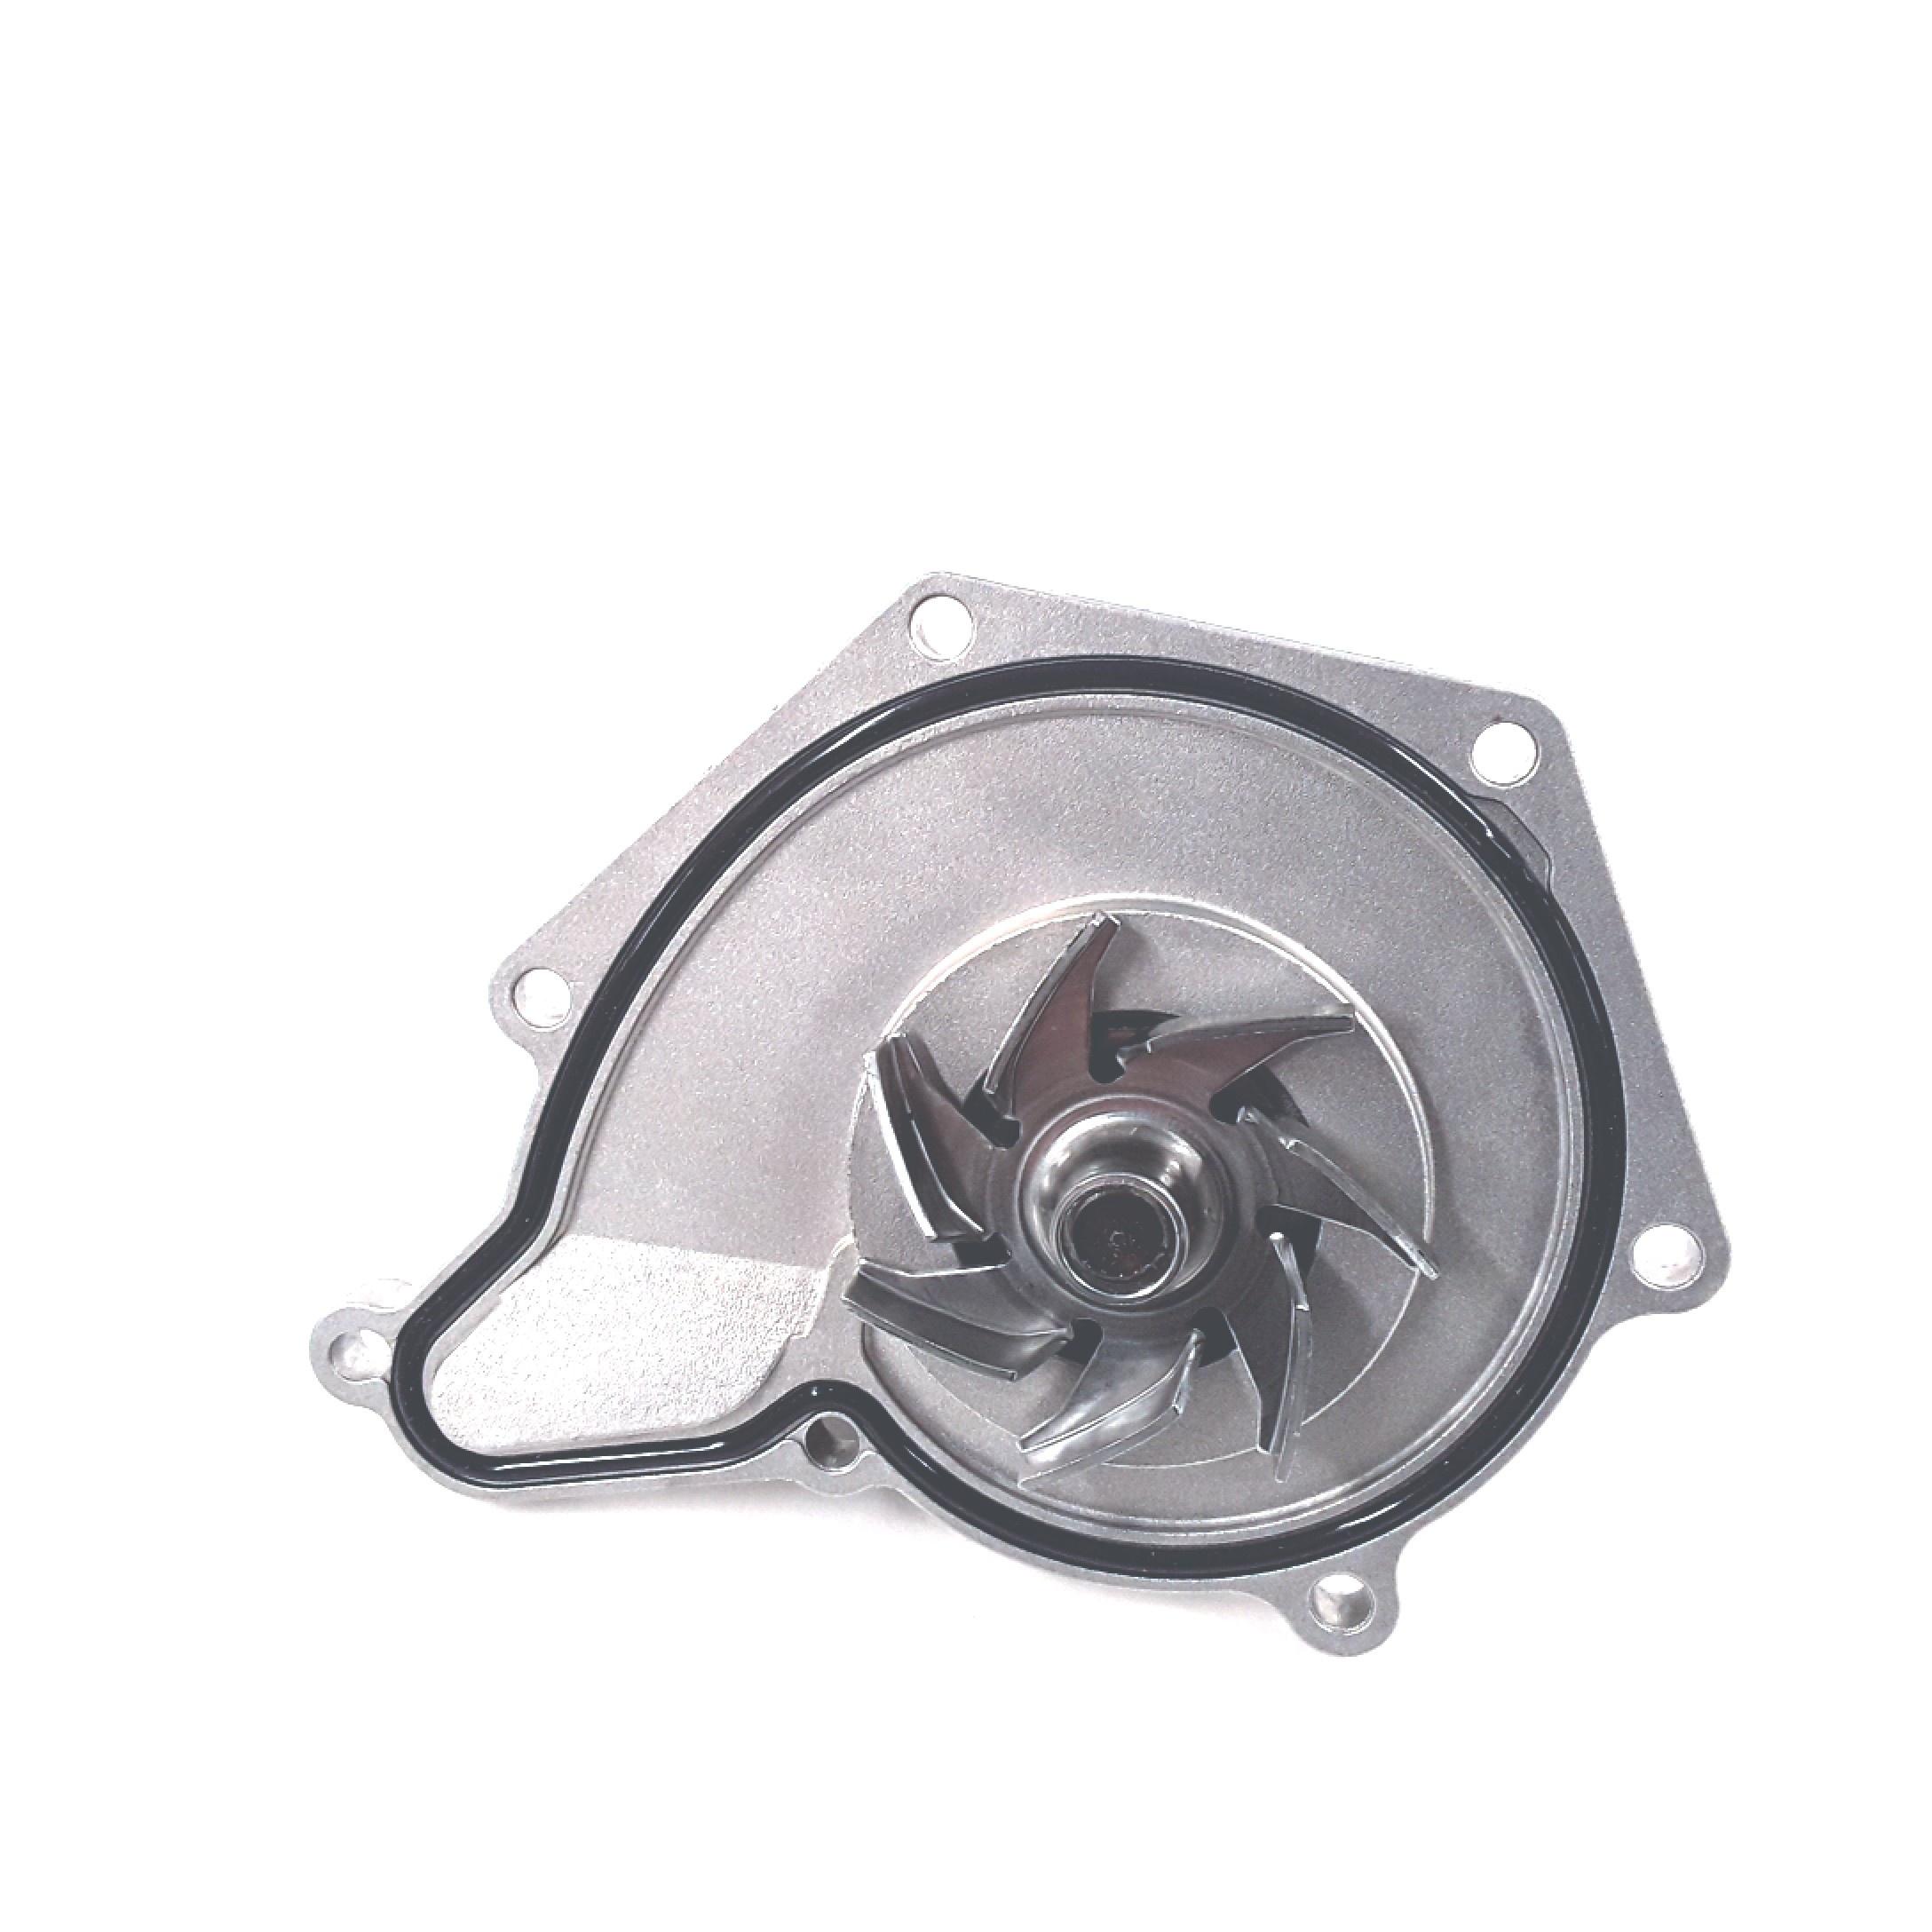 06e121018d - Engine Water Pump  Main  Liter  Gas